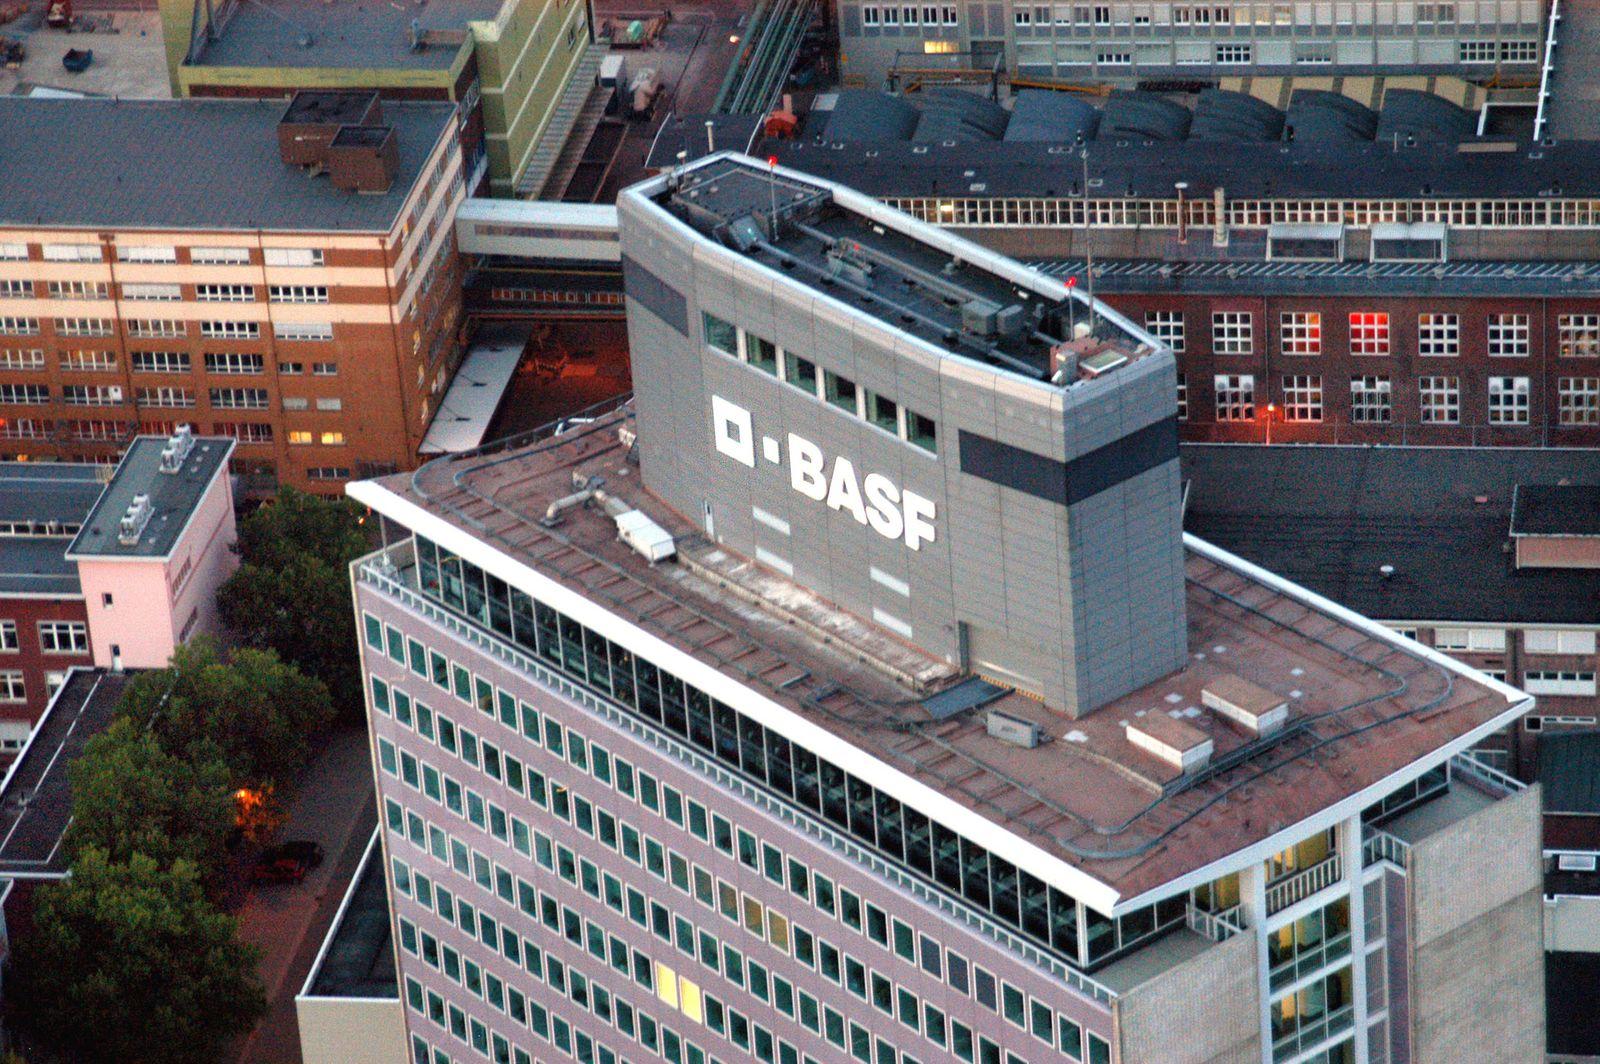 BASF/ BASF-Hochhaus/Ludwigshafen